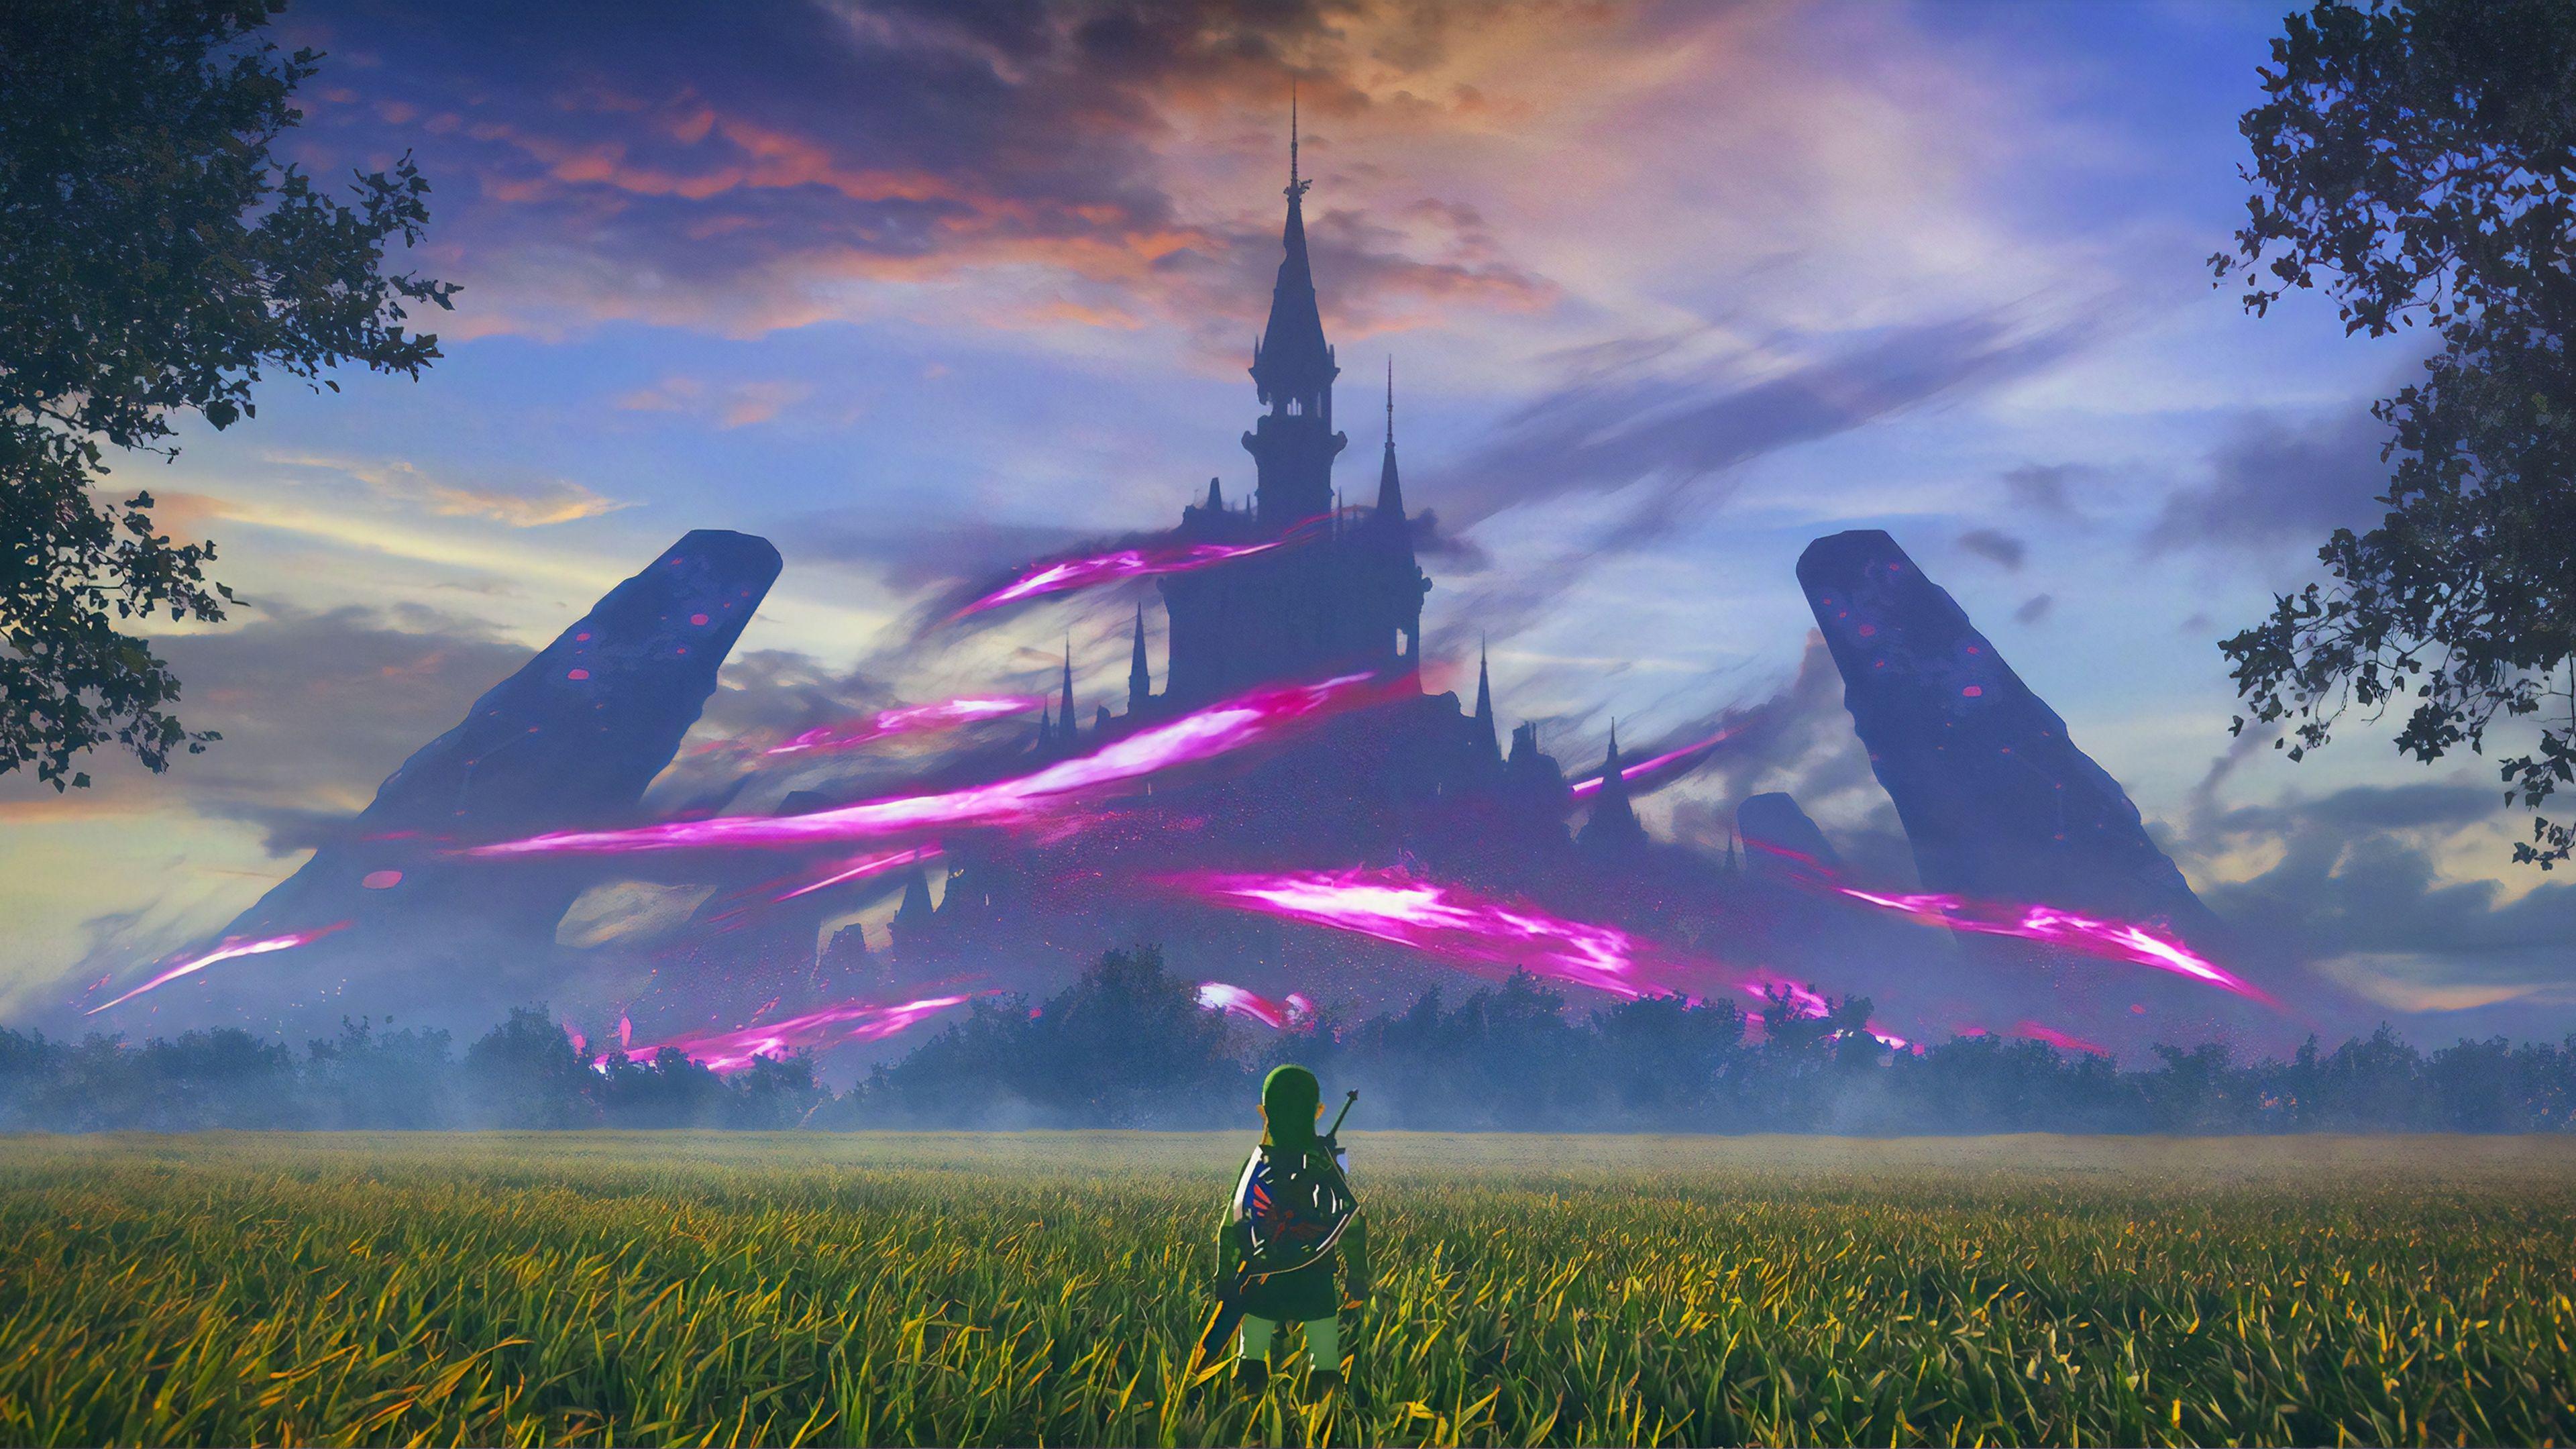 Zelda The Legend Of Zelda Wallpapers Hd Wallpapers Games Wallpapers Deviantart Wallpapers In 2021 Botw Landscape Scenery Digital Art The Legend Of Zelda Wallpaper